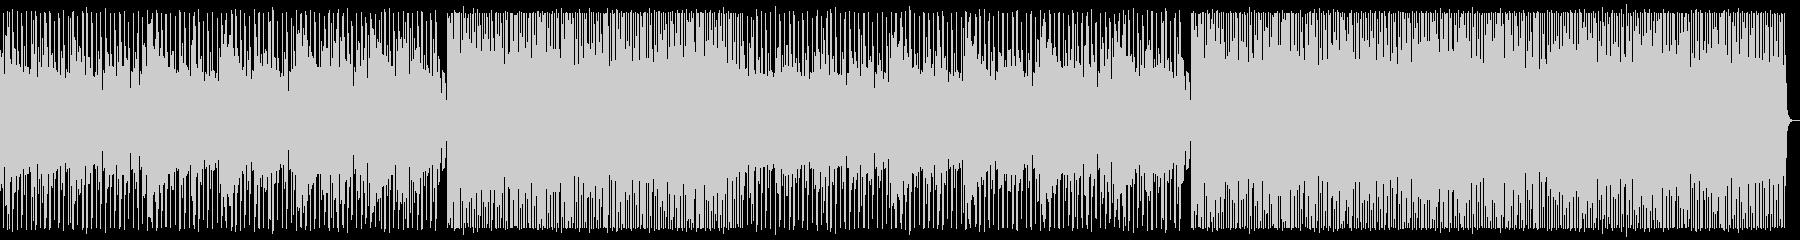 地底/地下/テクノ_No599_1の未再生の波形